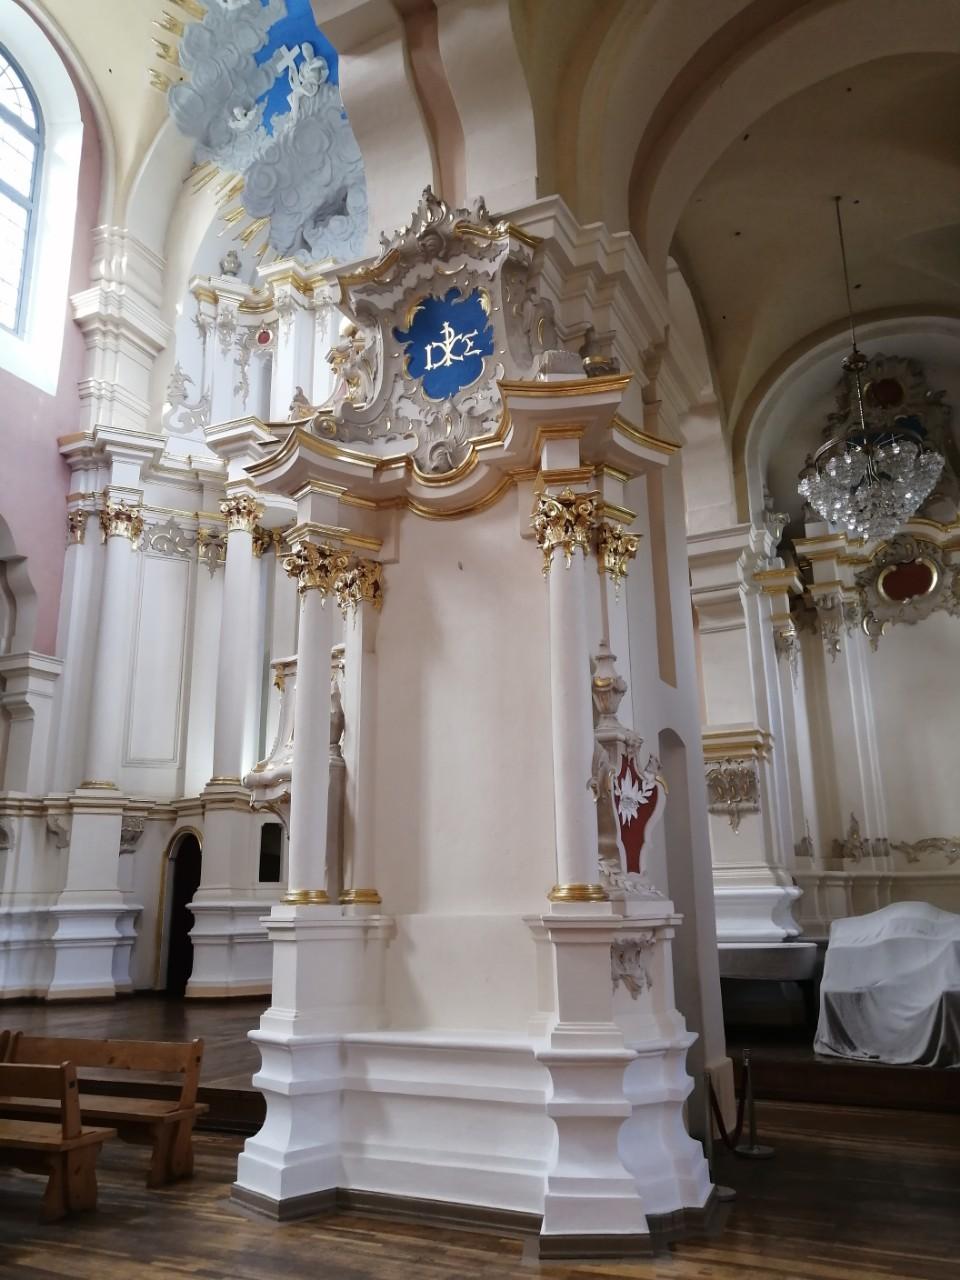 image 0 02 04 fefdbaaba7761193512e516eac44bf15f44c839d88eb61c076cc1637e142c3f1 V - Софийский собор в Полоцке